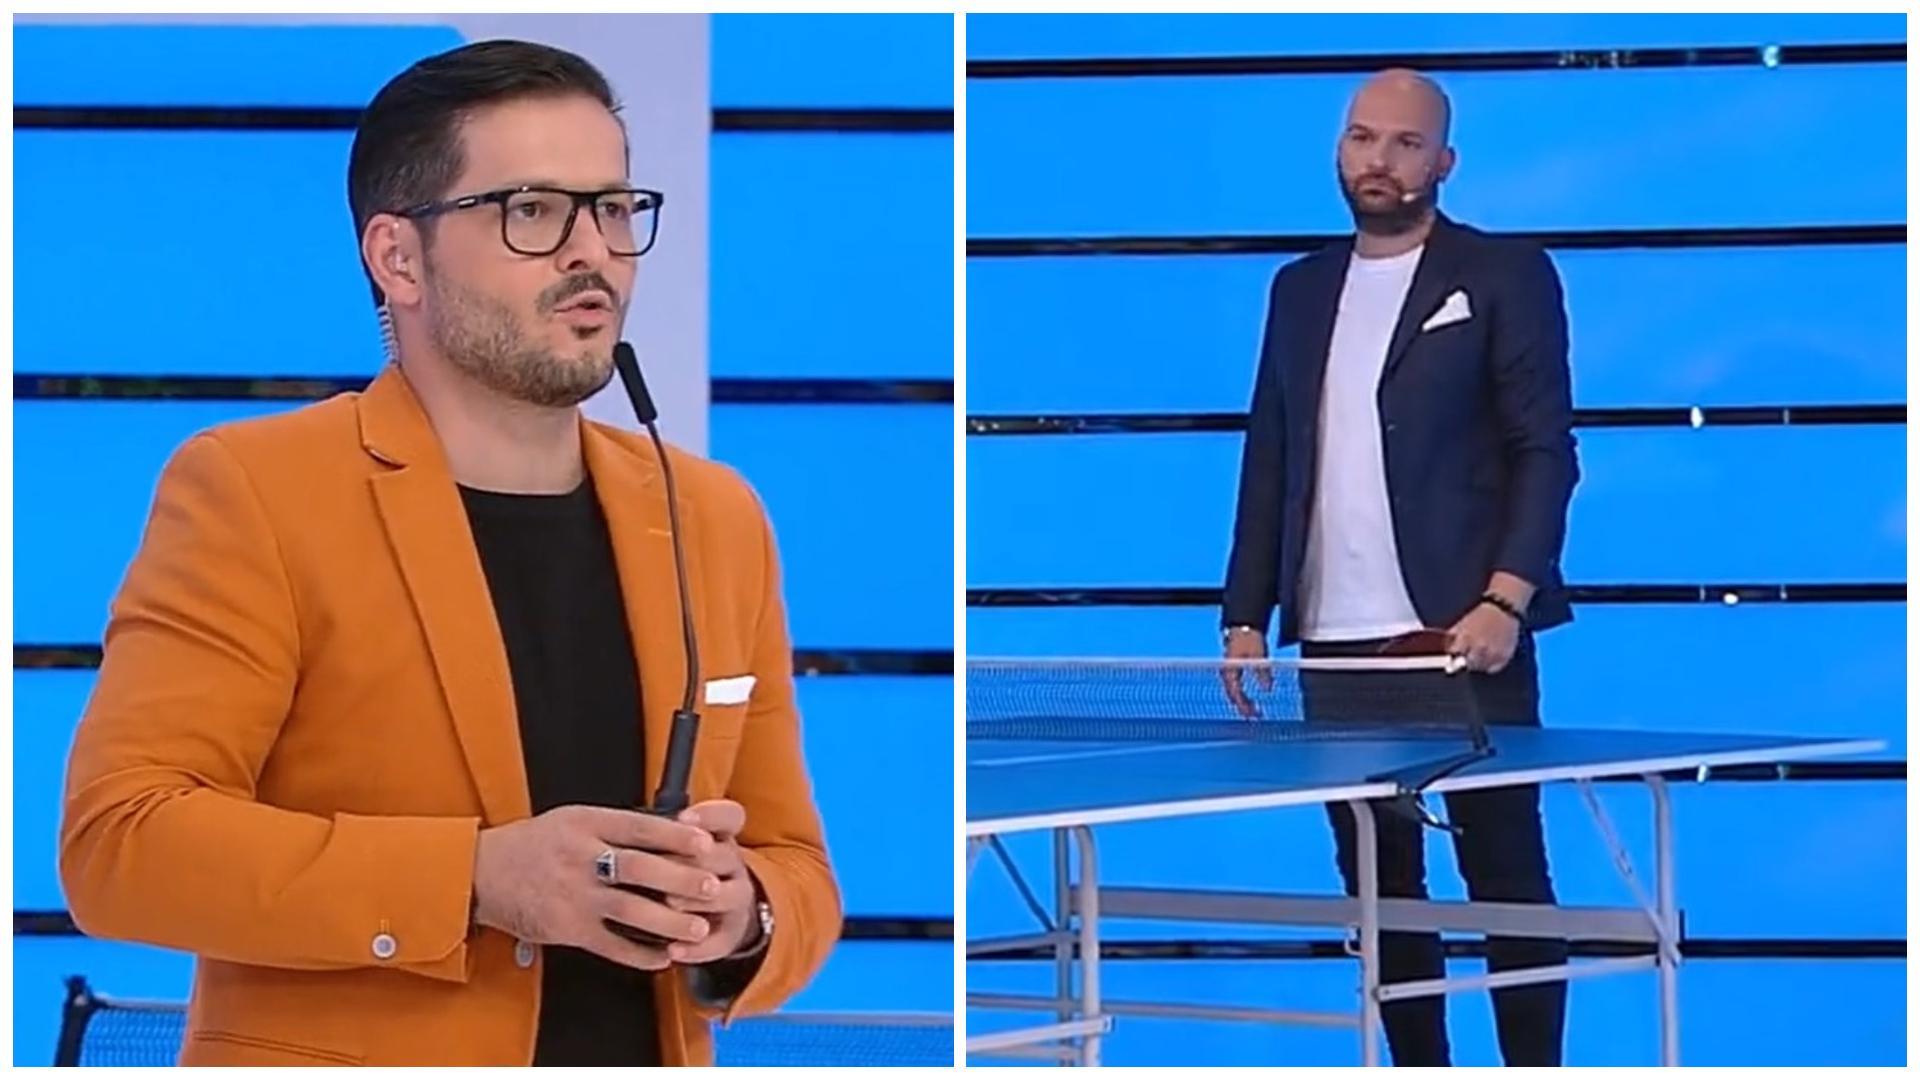 Prețul cel bun, 29 septembrie 2021. Andrei Ștefănescu l-a provocat pe Liviu Vârciu la un meci de ping-pong. Cine a trișat